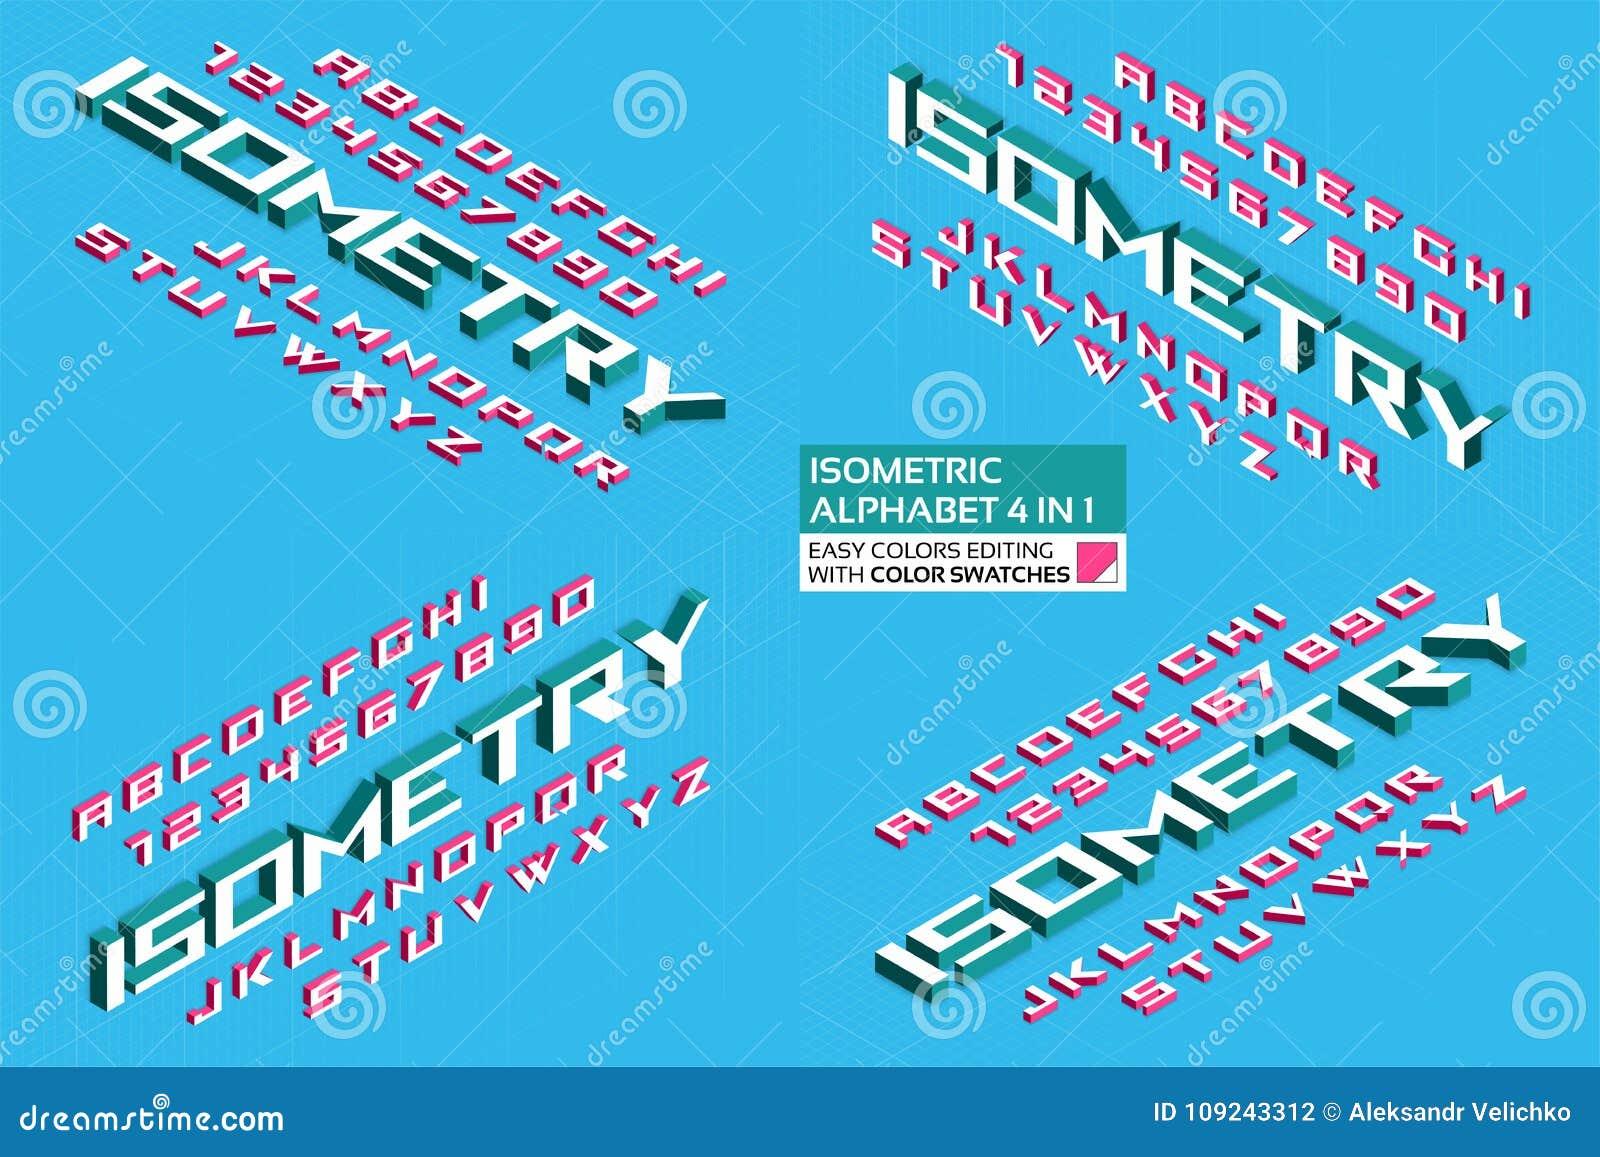 Alfabeto isometrico 4 in 1 lettere 3d e numeri